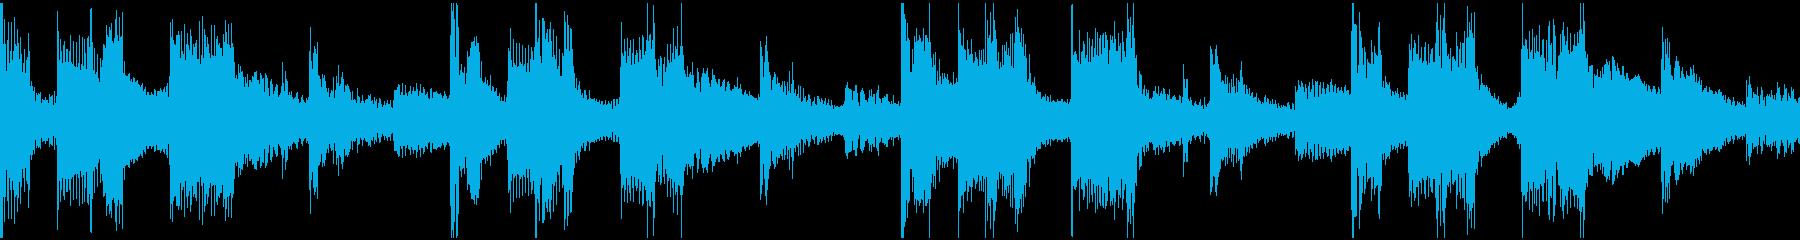 このサウンドトラックは、電子アンビ...の再生済みの波形